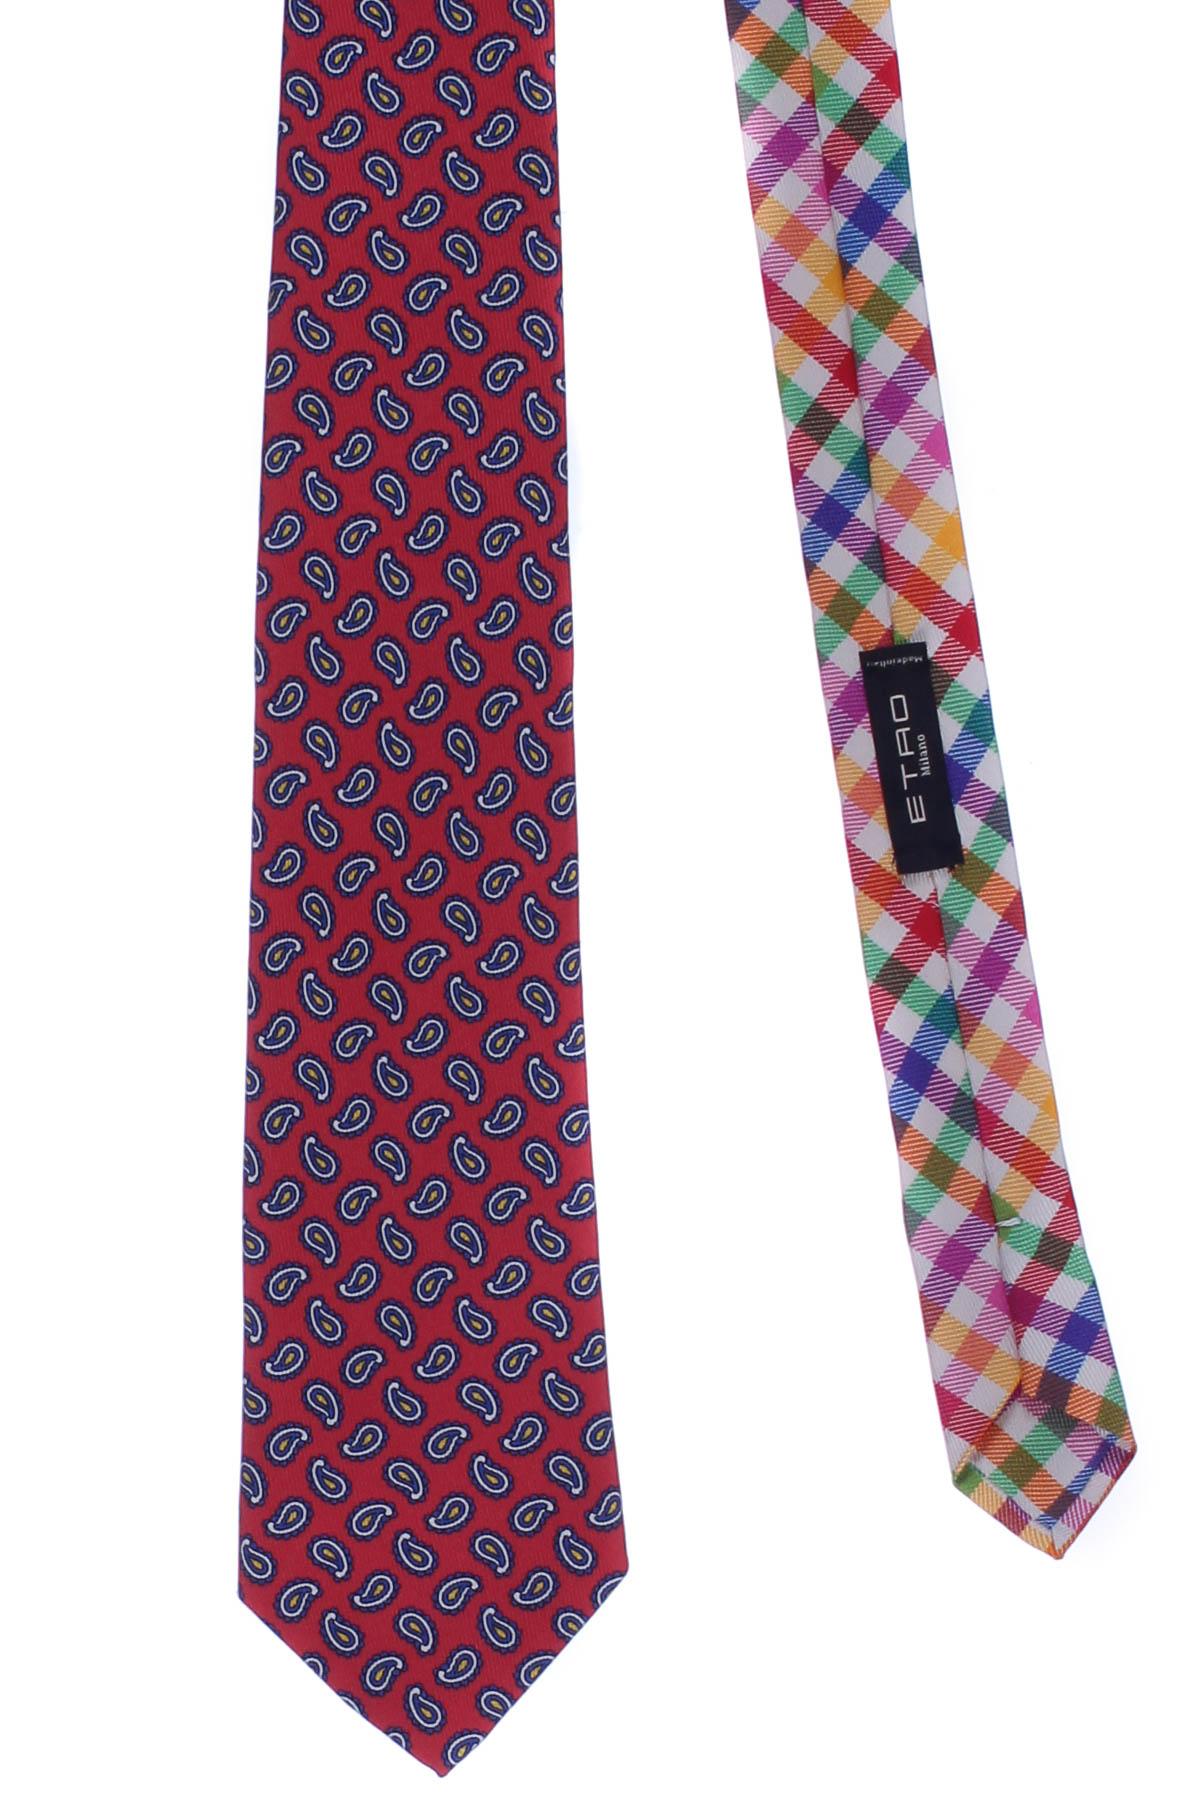 premium selection 0c44c 56579 Cravatta 2 tessuti in seta stampata